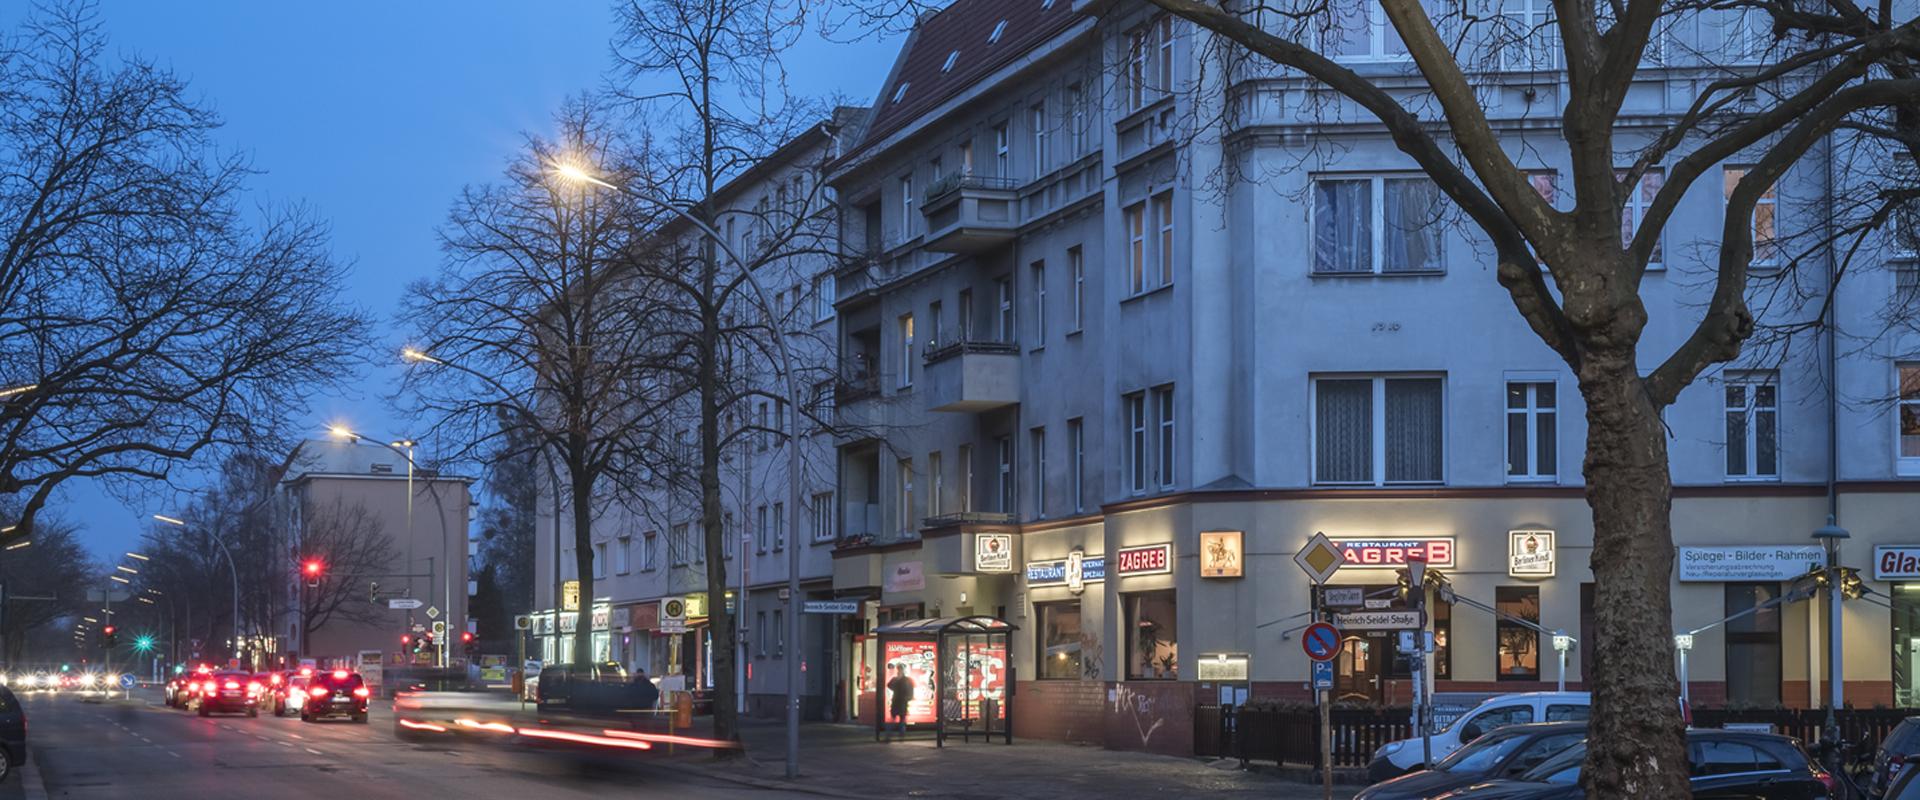 Illuminazione pubblica di Berlino